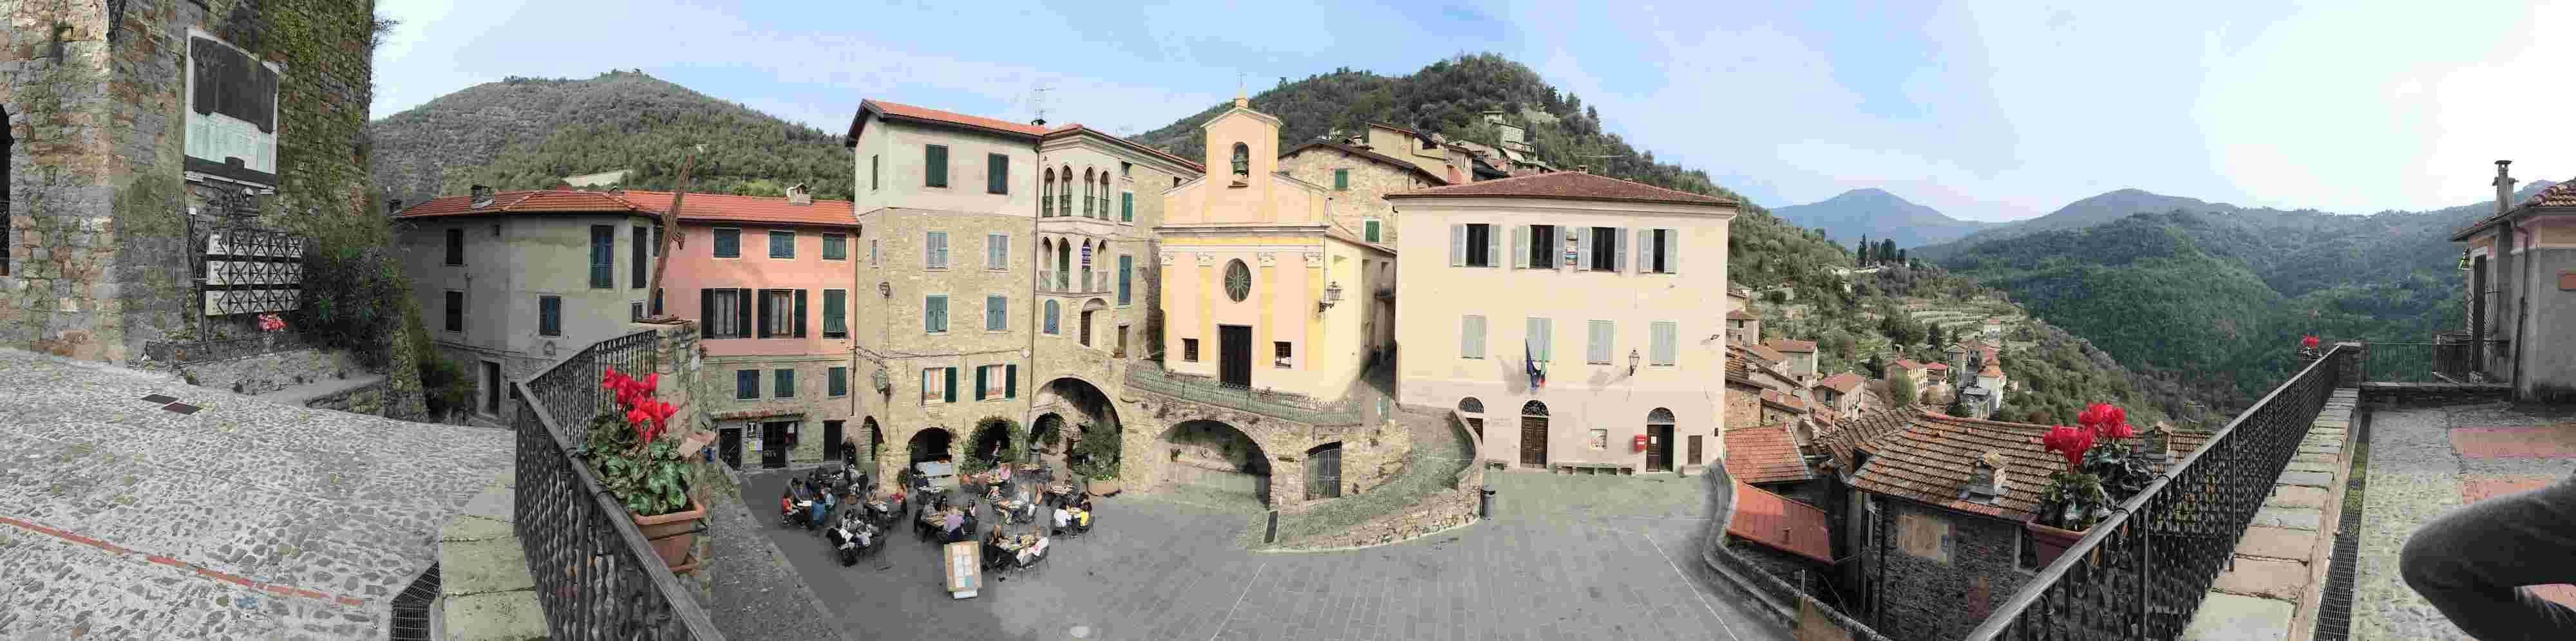 Apricale, le plus beau village d'Italie Aprica46